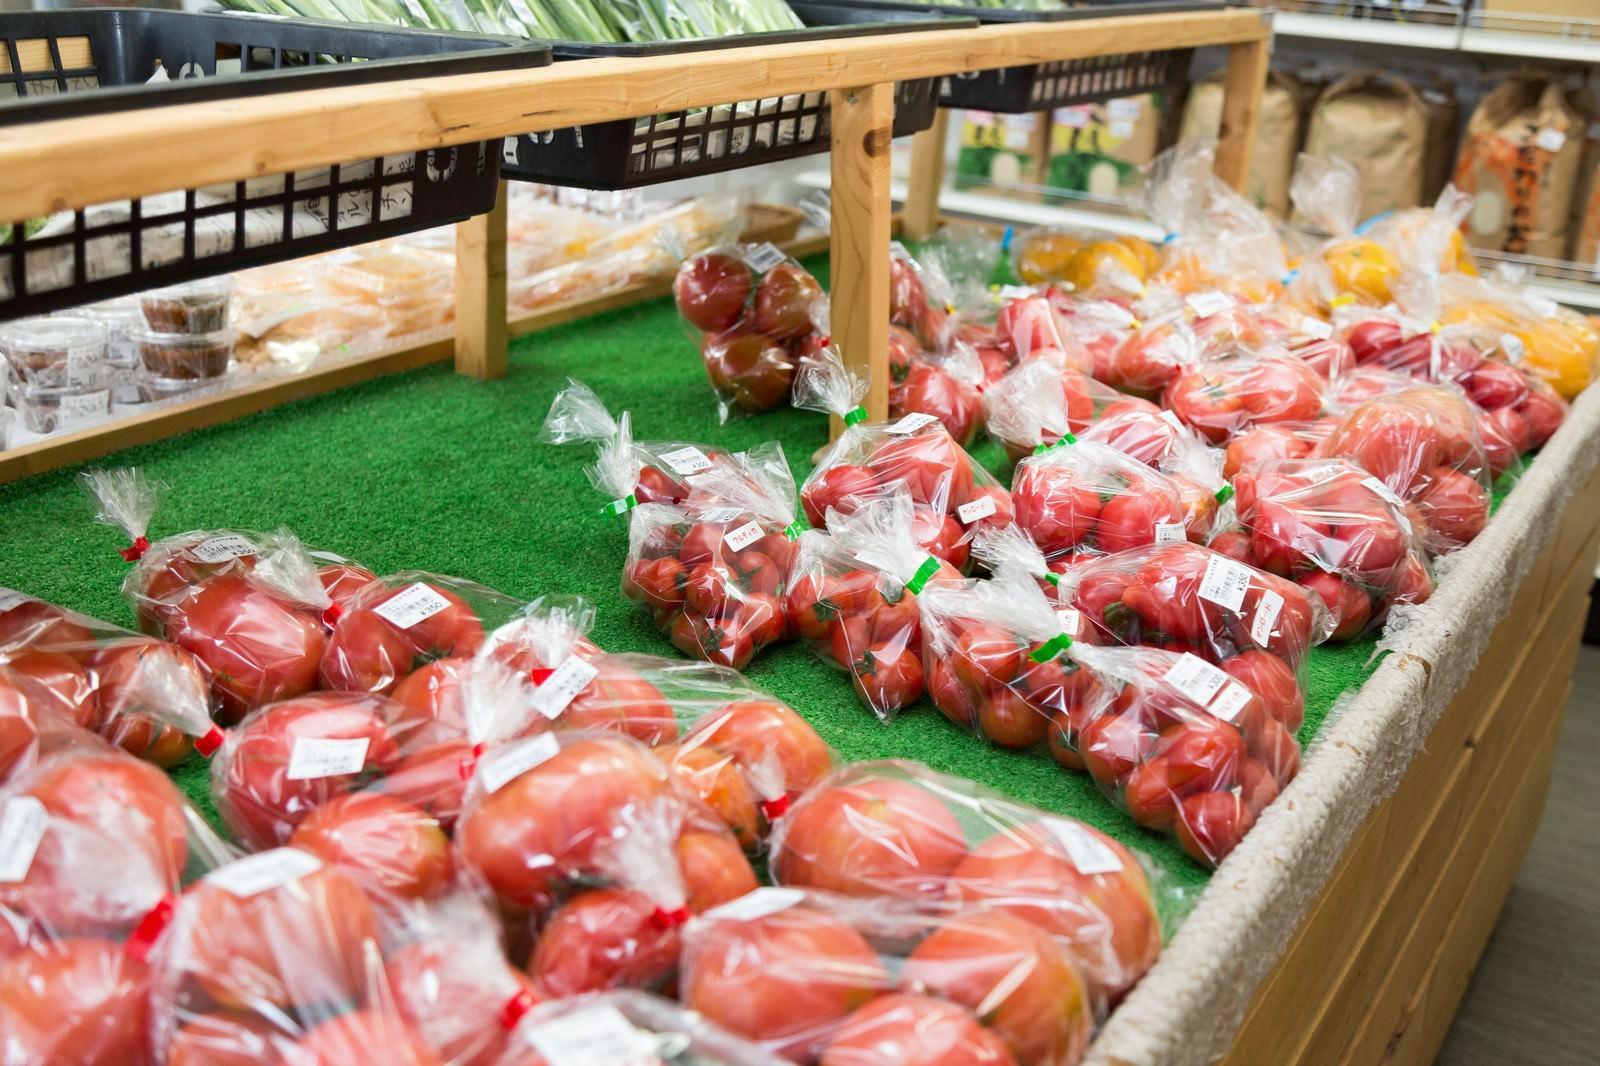 「ふれあい市場に陳列されたブロガーに人気のトマト」の写真